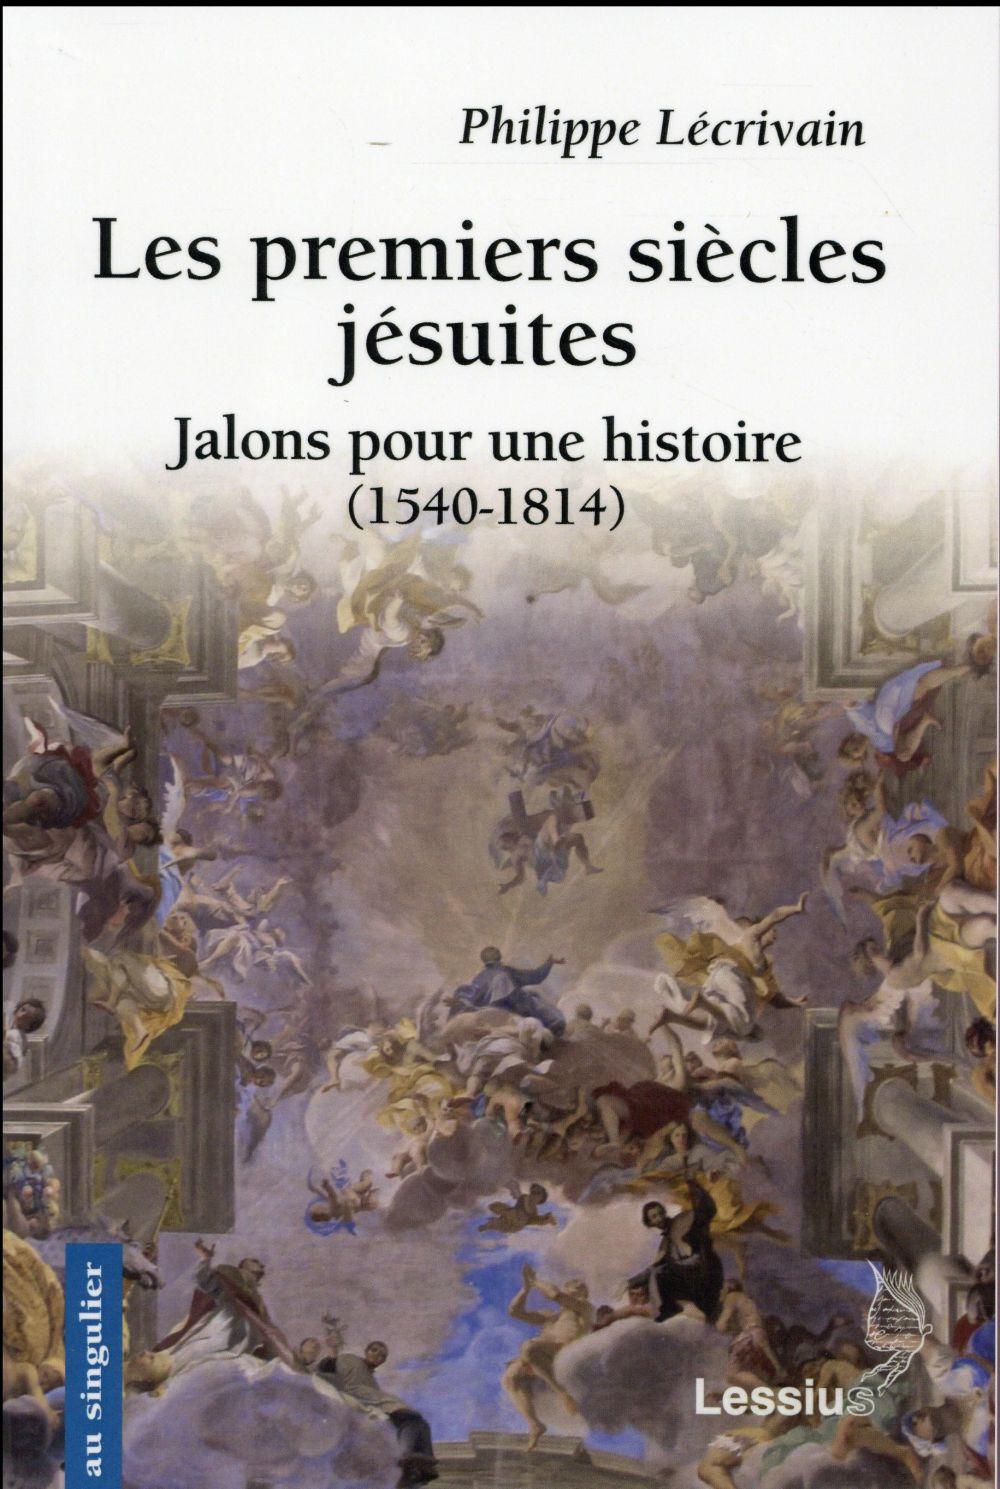 LES PREMIERS SIECLES JESUITES